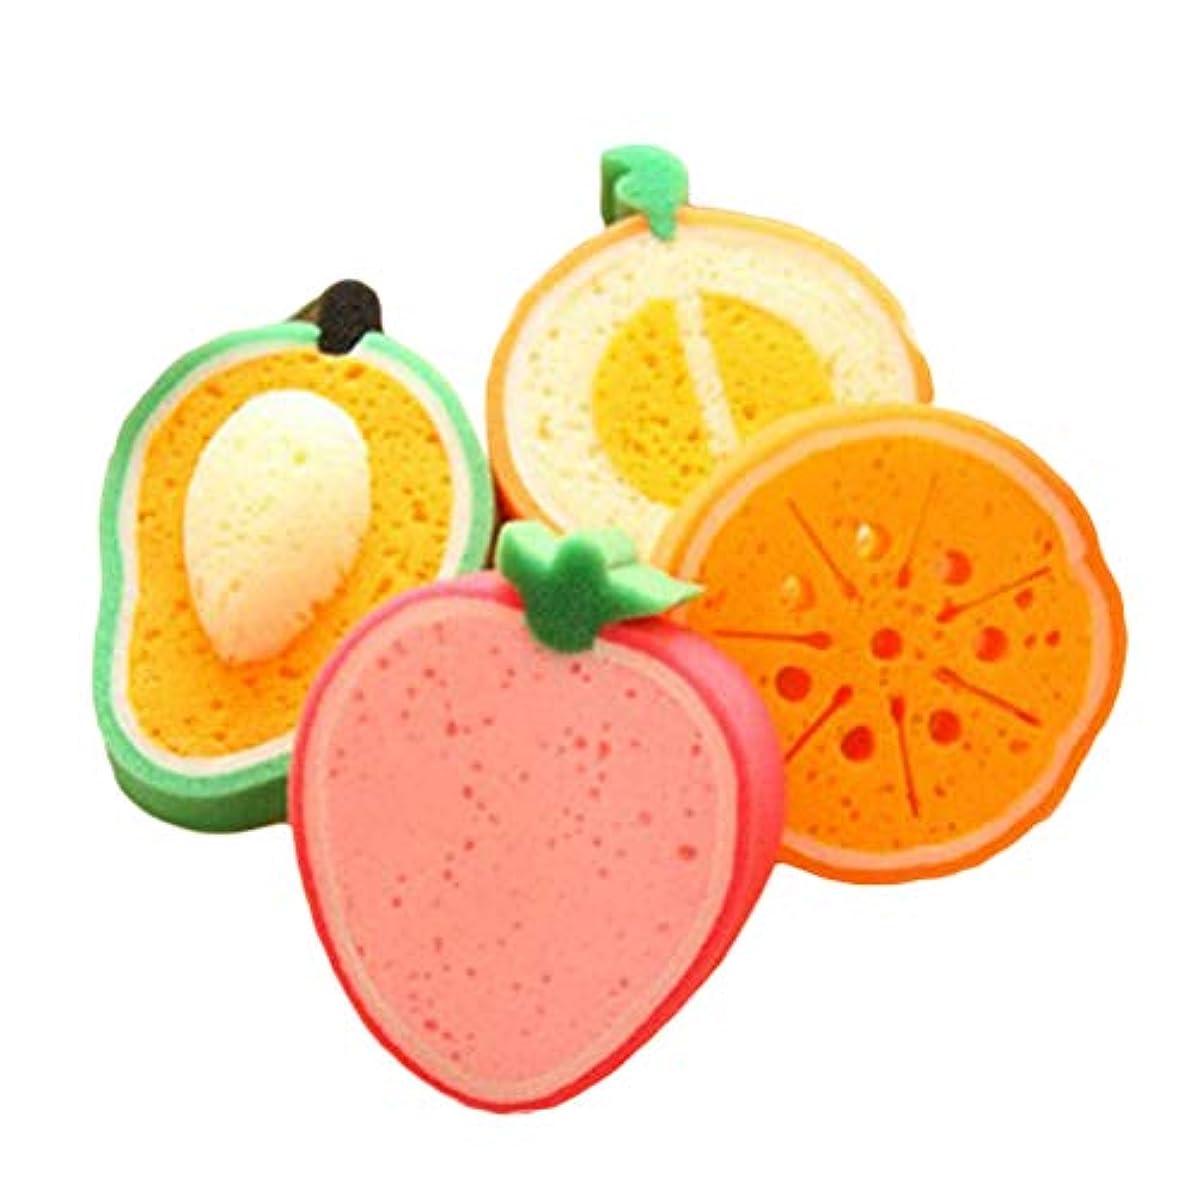 震える称賛弱いHEALIFTY 4本のベイビーバススポンジ、マンゴーの4つのファンキーフルーツスポンジセットハニー?ドウ?メロンオレンジとストロベリー